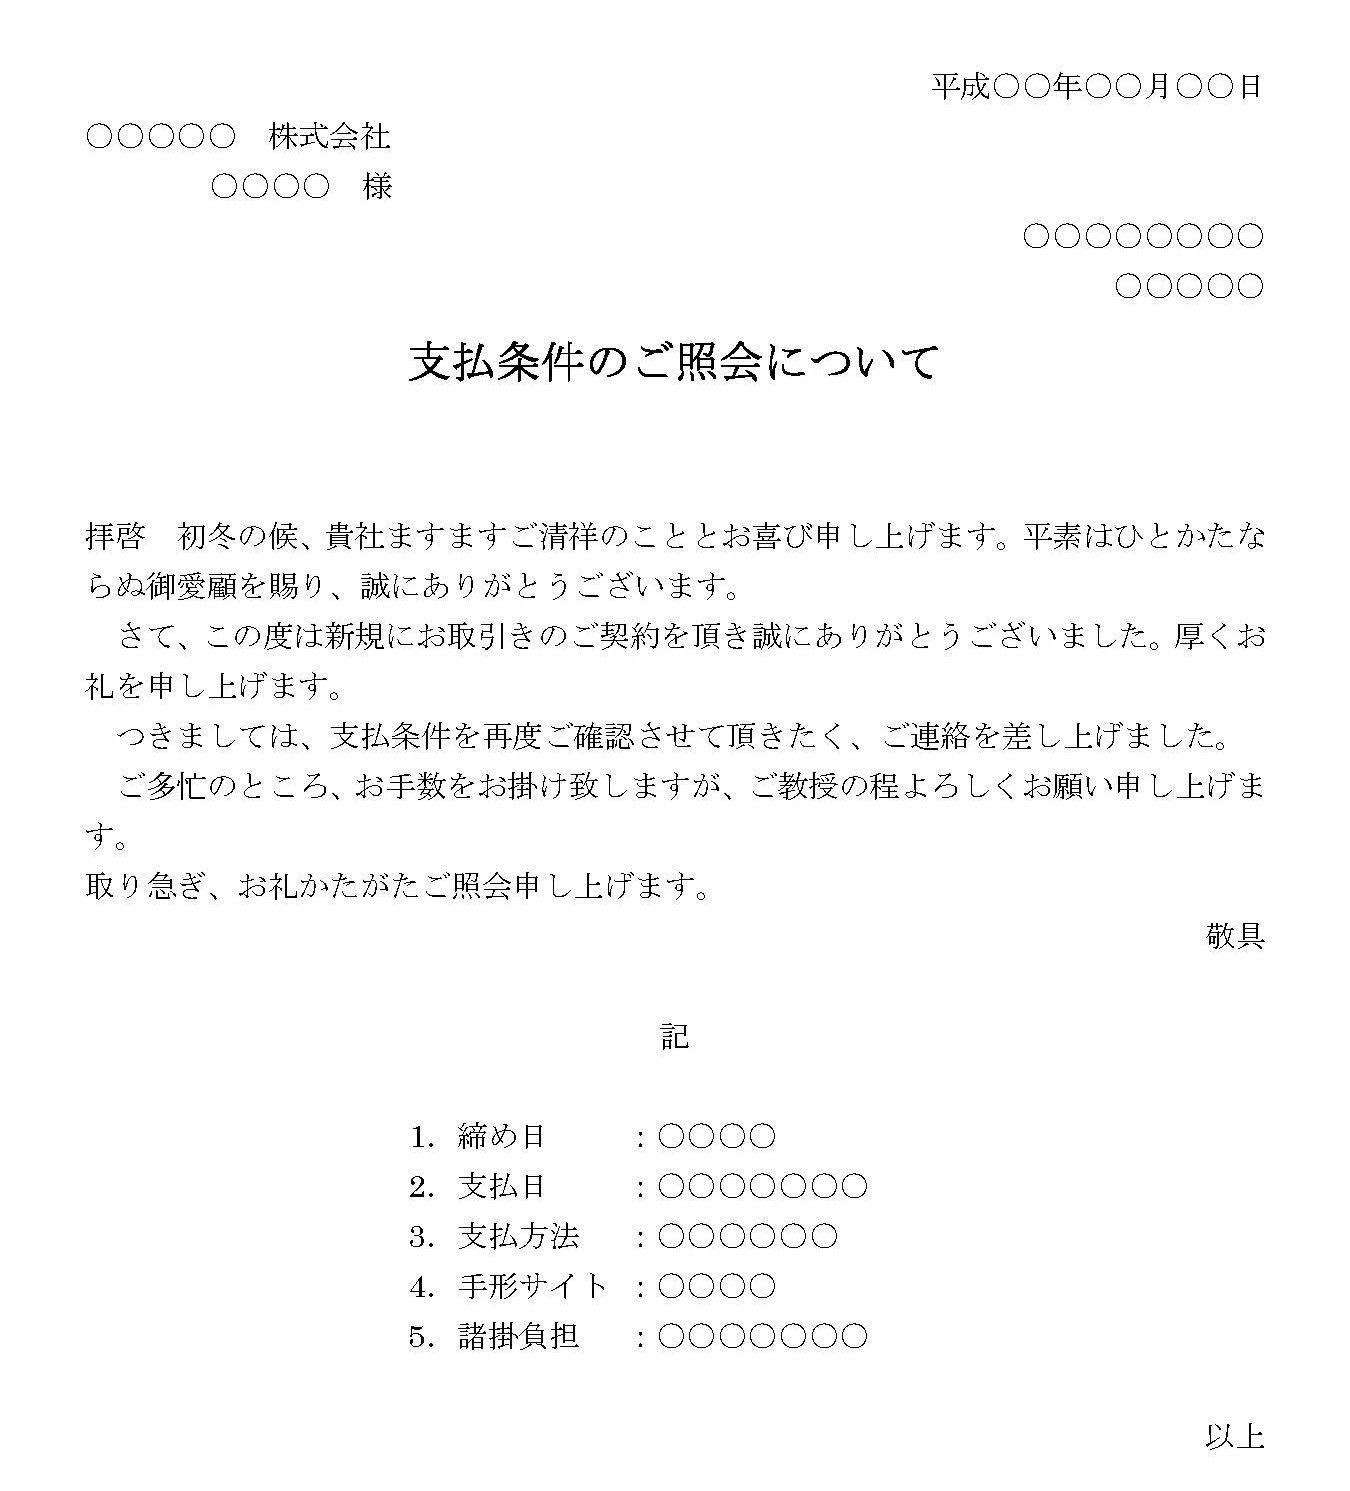 通知(支払条件のご照会について)